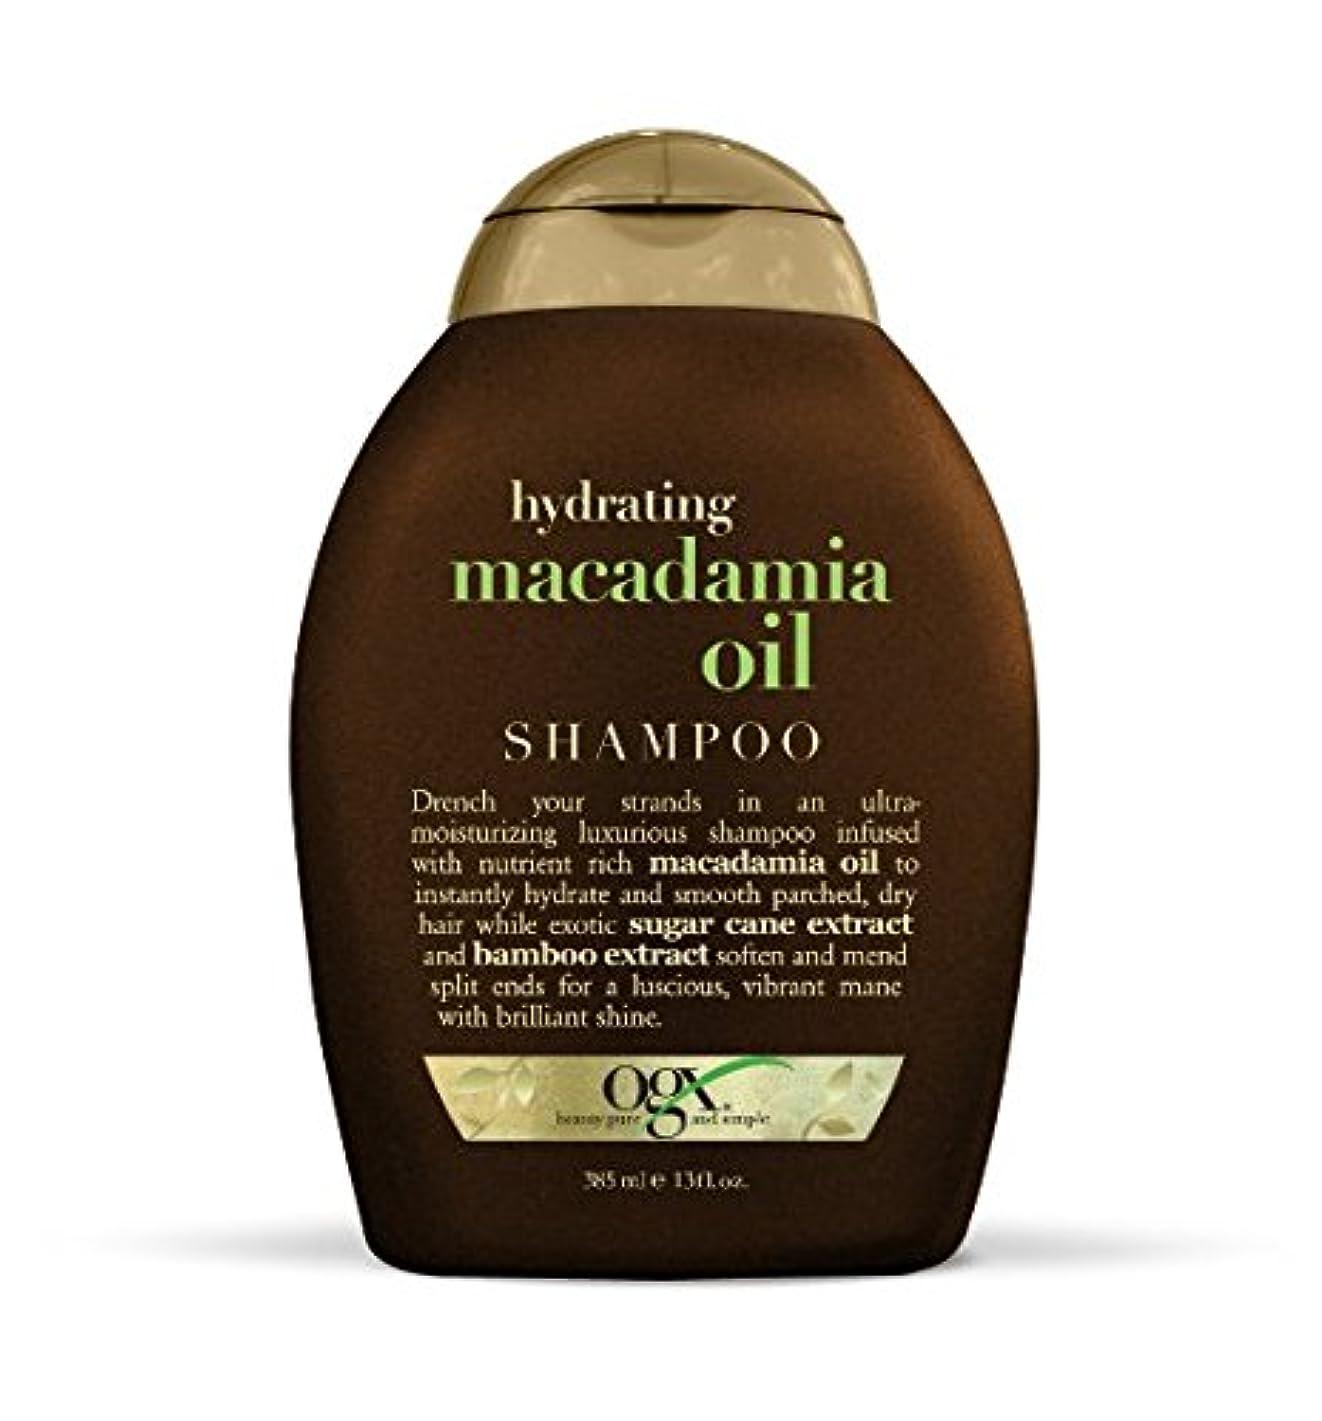 曲がった汚染されたそんなにOGX Sulfate Free Hydrating Macadamia Oil Shampoo 360ml ハイドレイティングマカダミアオイルシャンプー [並行輸入品]